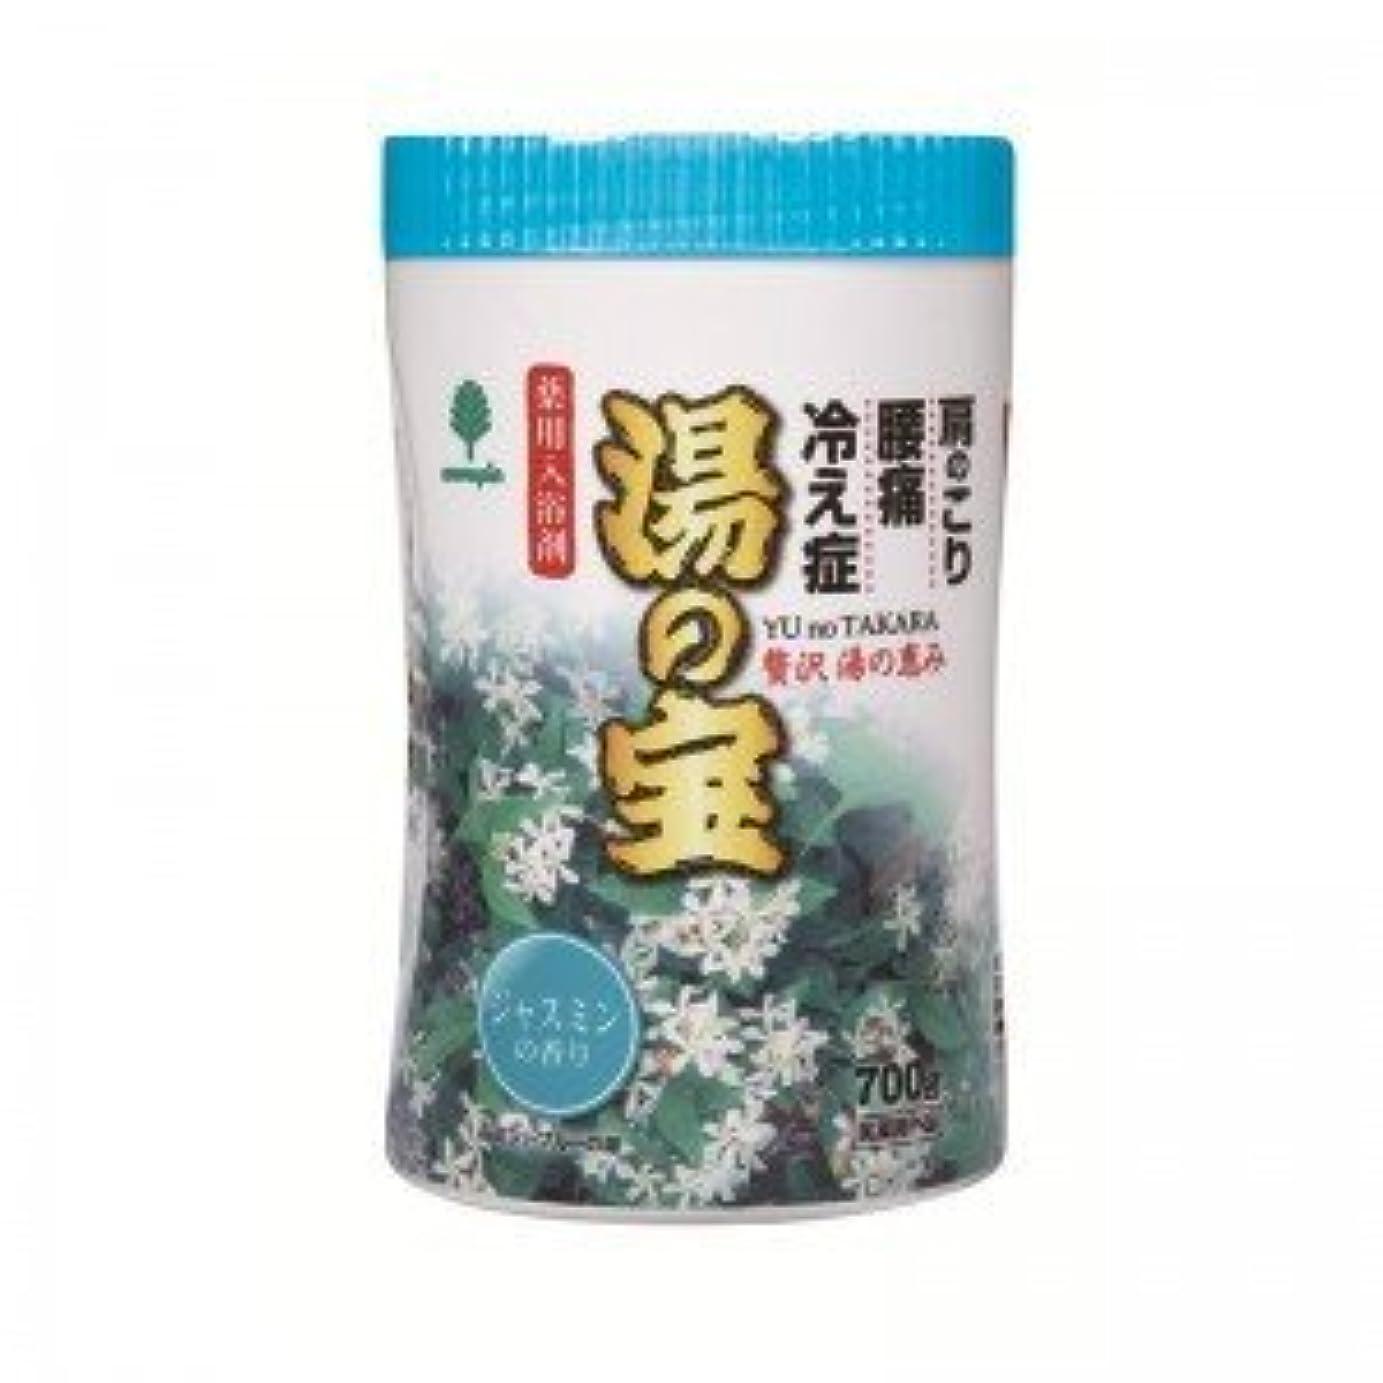 試み私たち情緒的紀陽除虫菊 湯の宝 ジャスミンの香り (丸ボトル) 700g【まとめ買い15個セット】 N-0067